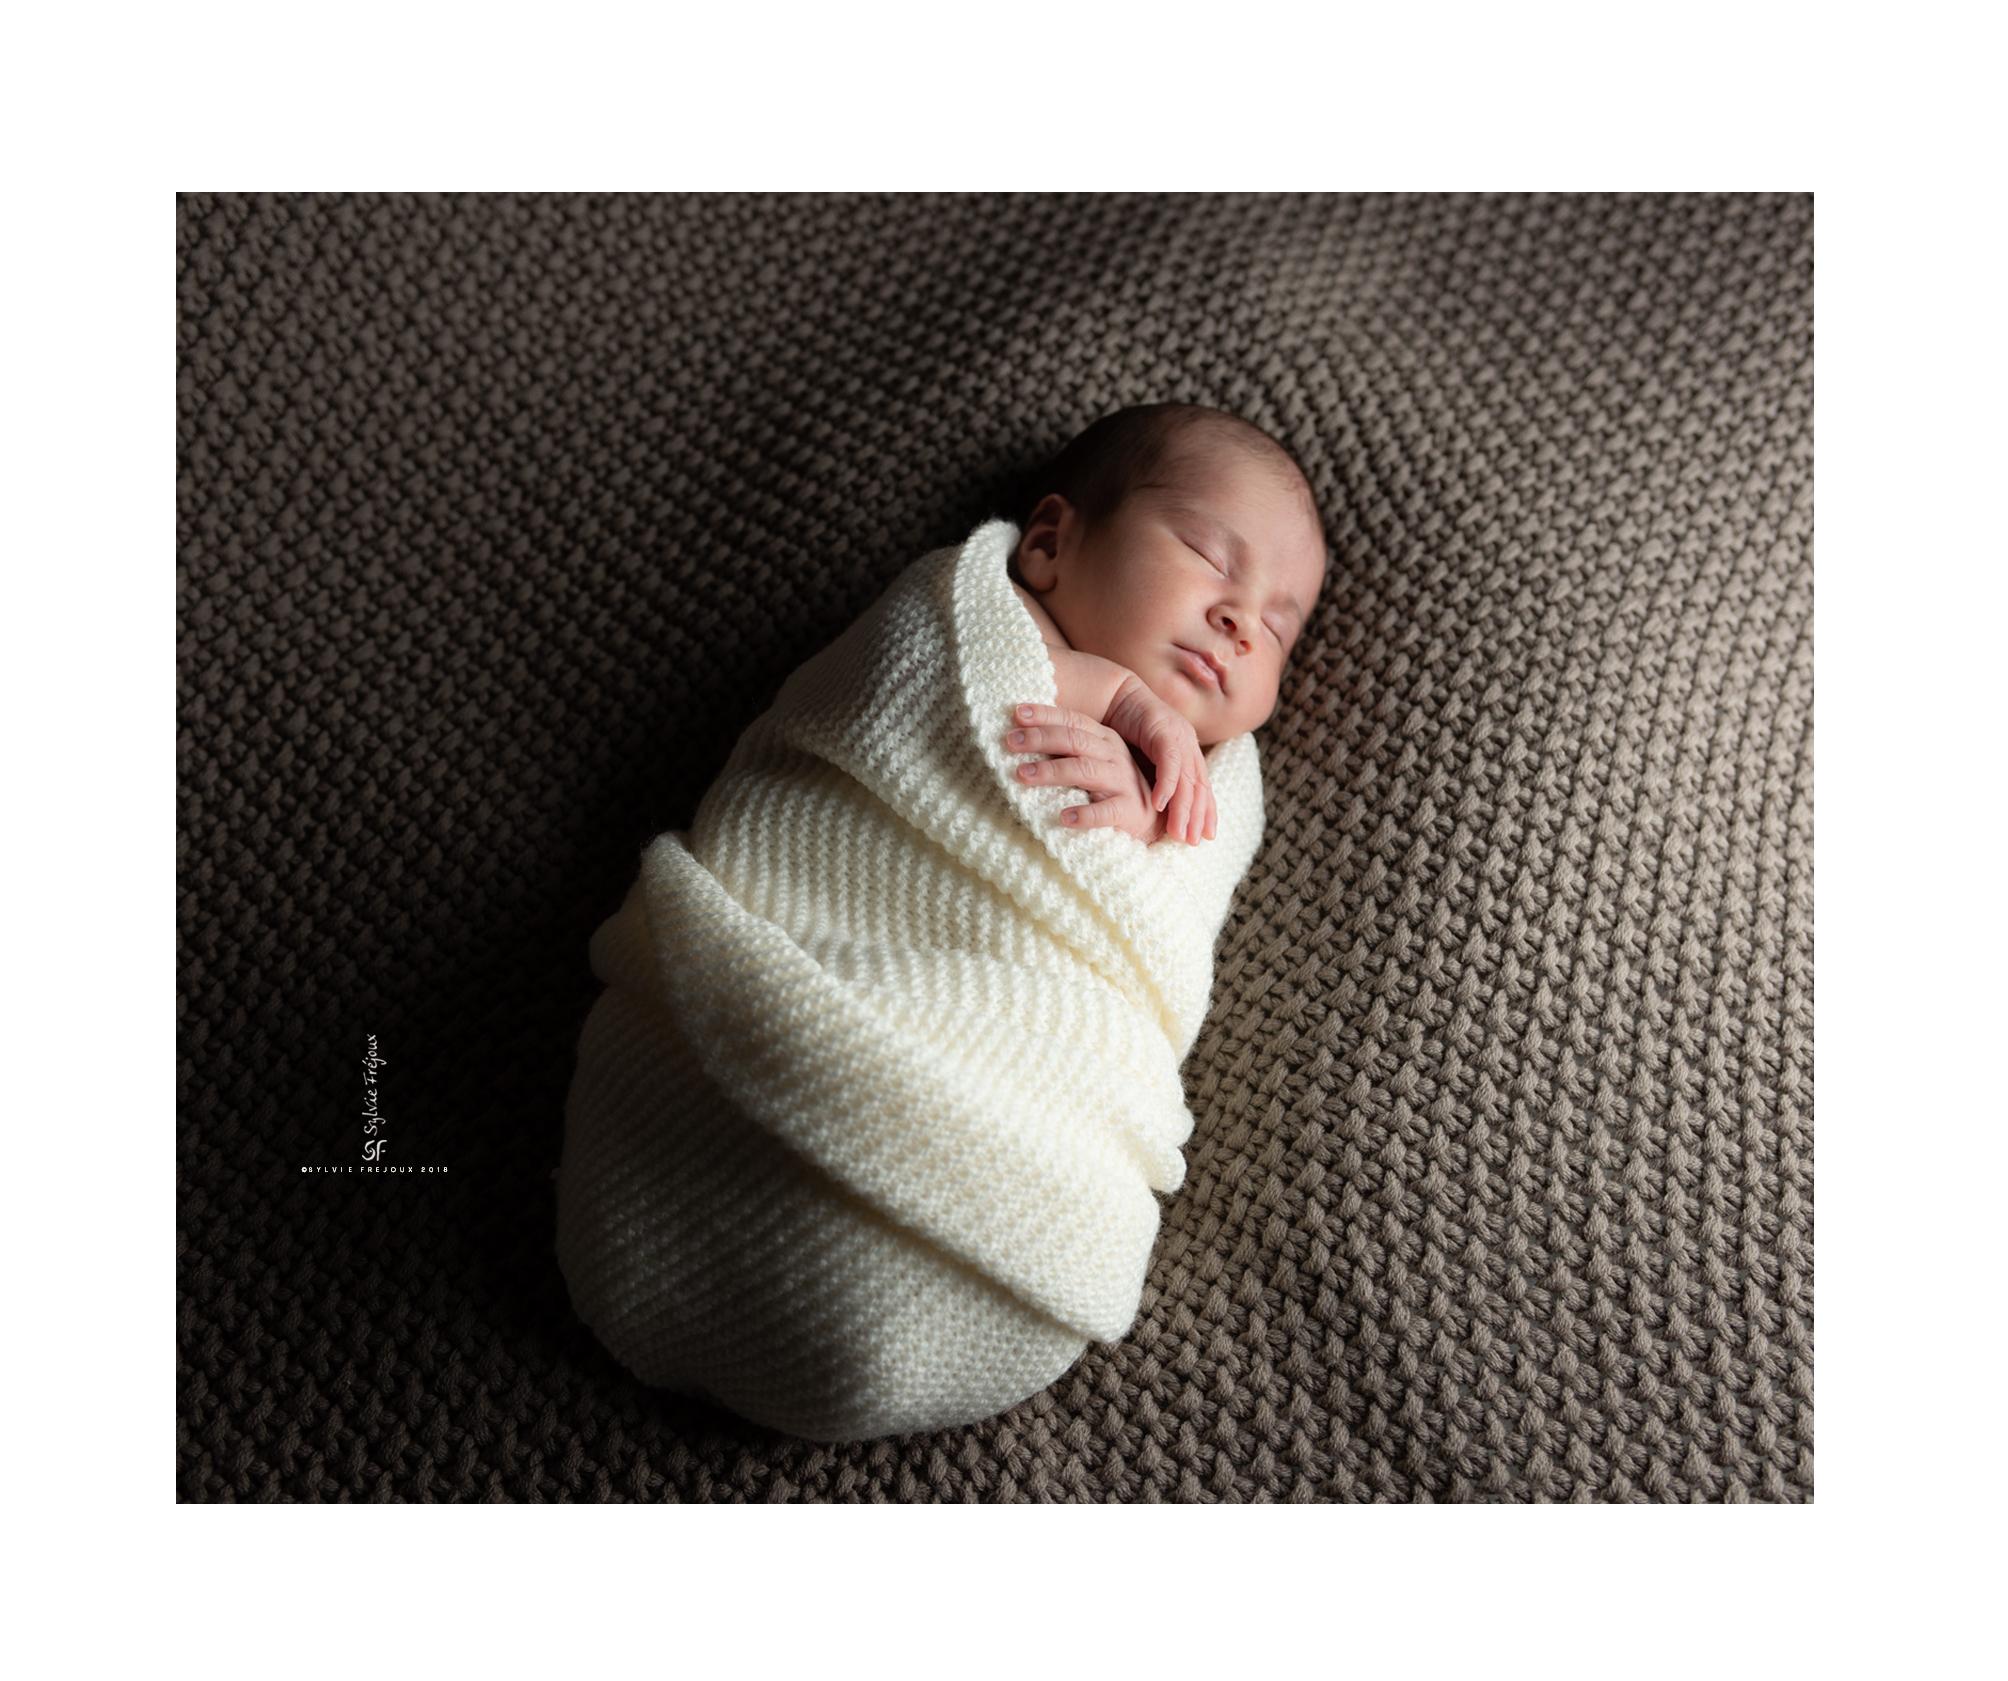 photographe de portrait de bebe et nouveau-ne en famille à toulon